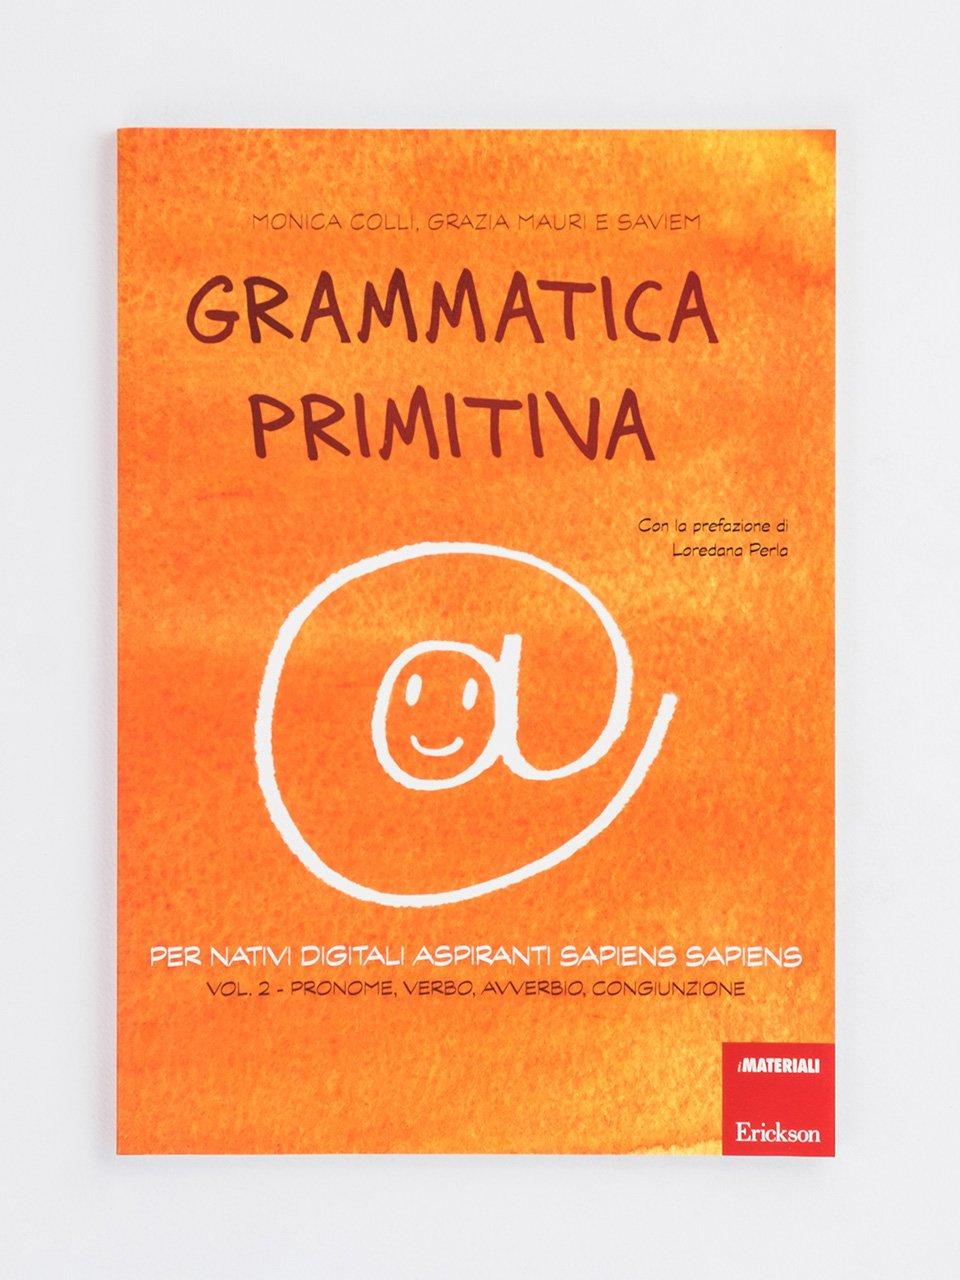 Grammatica primitiva - Volume 2 - Giocadomino - Sinonimi - Giochi - Erickson